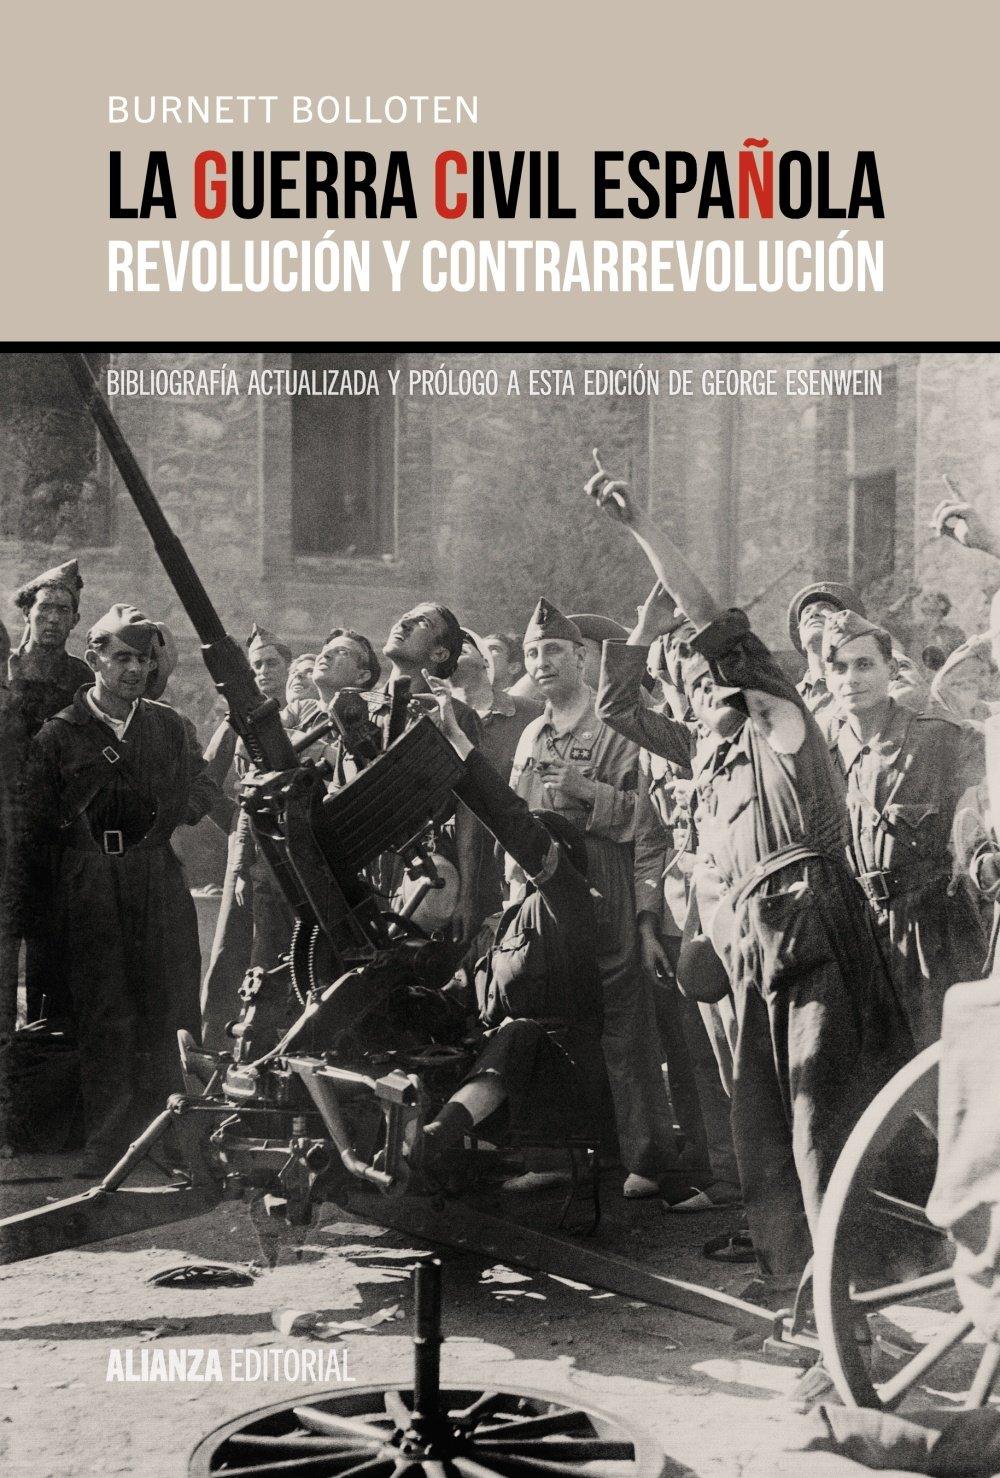 La guerra civil española: Revolución y contrarrevolución Alianza Ensayo: Amazon.es: Bolloten, Burnett, Urrutia, Belén: Libros